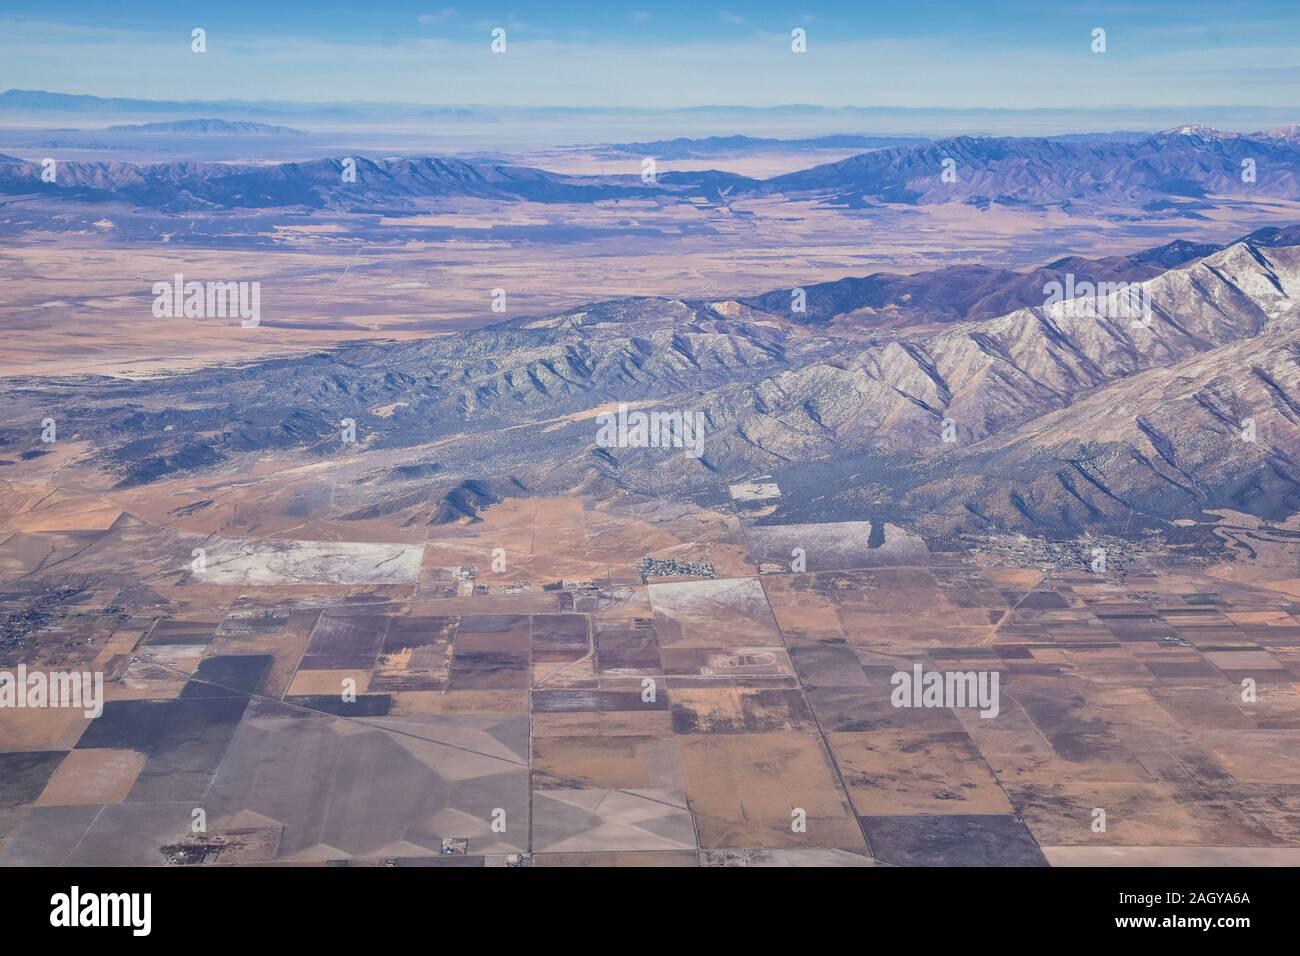 Rocky Mountains, Oquirrh Bereich Luftaufnahmen, Wasatch Front Rock aus dem Flugzeug. South Jordan, West Valley, Magna und Herriman, von der Großen Salz See U Stockfoto